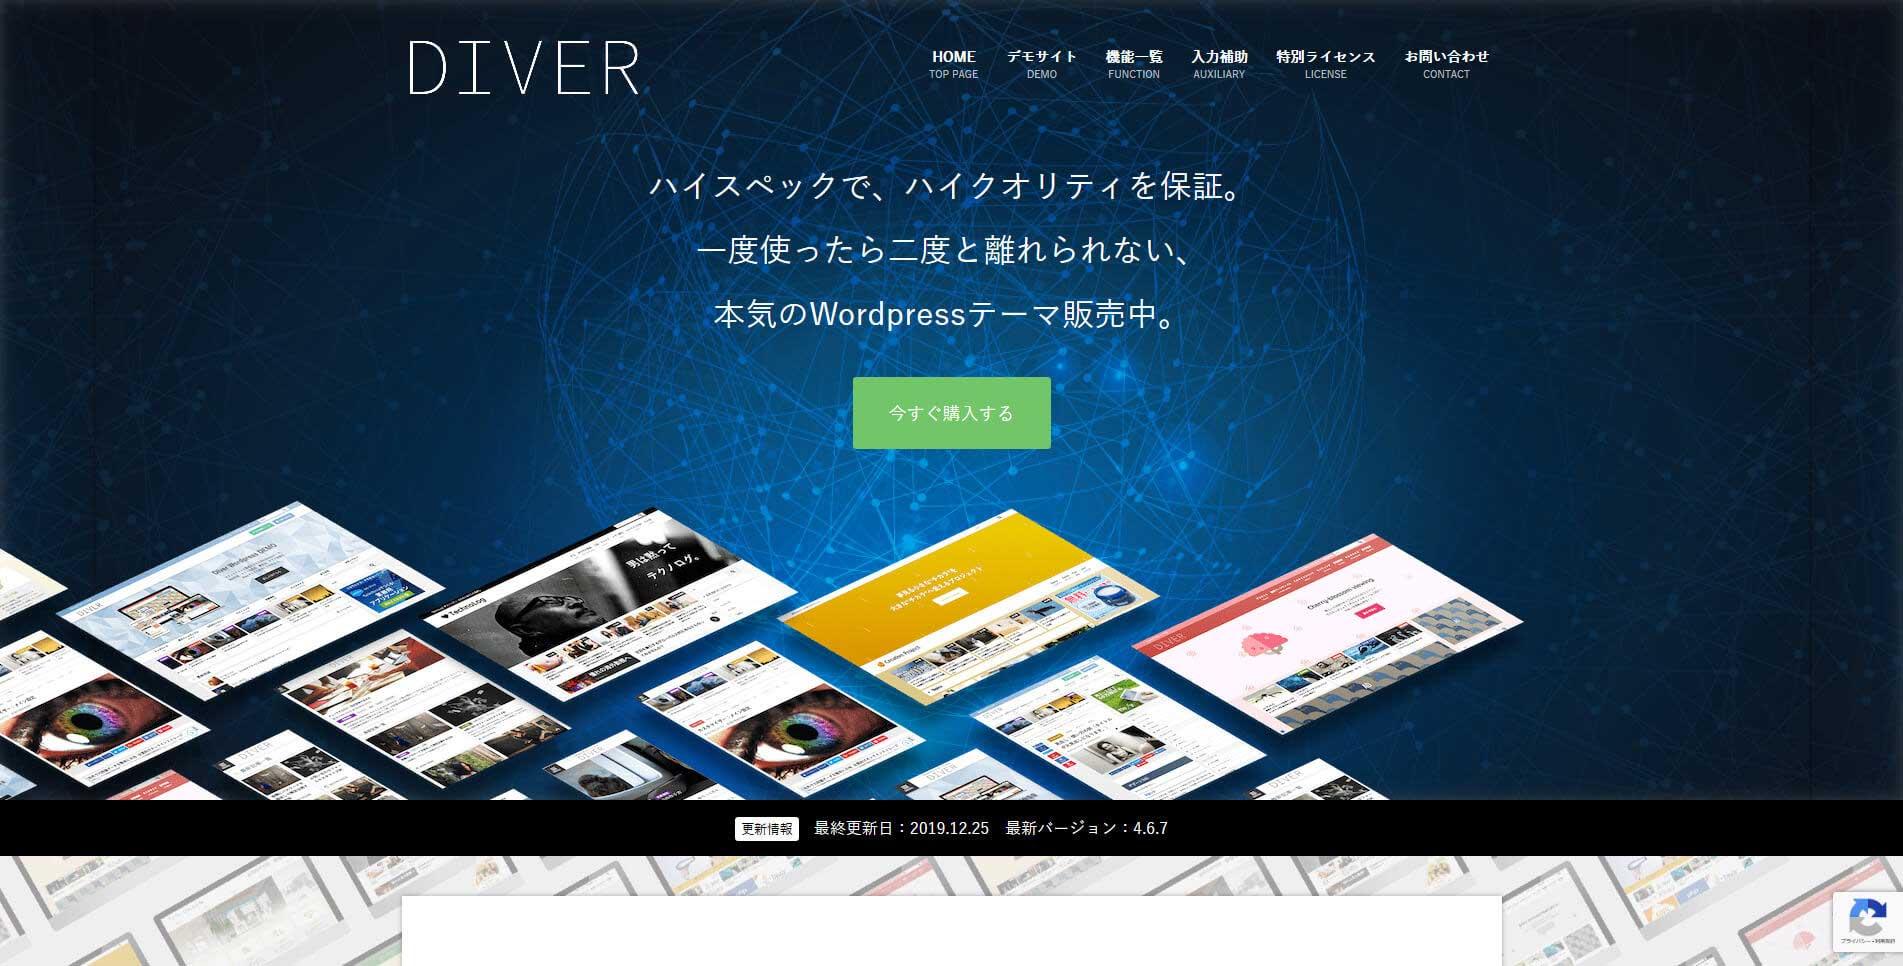 DIVER(ダイバー)